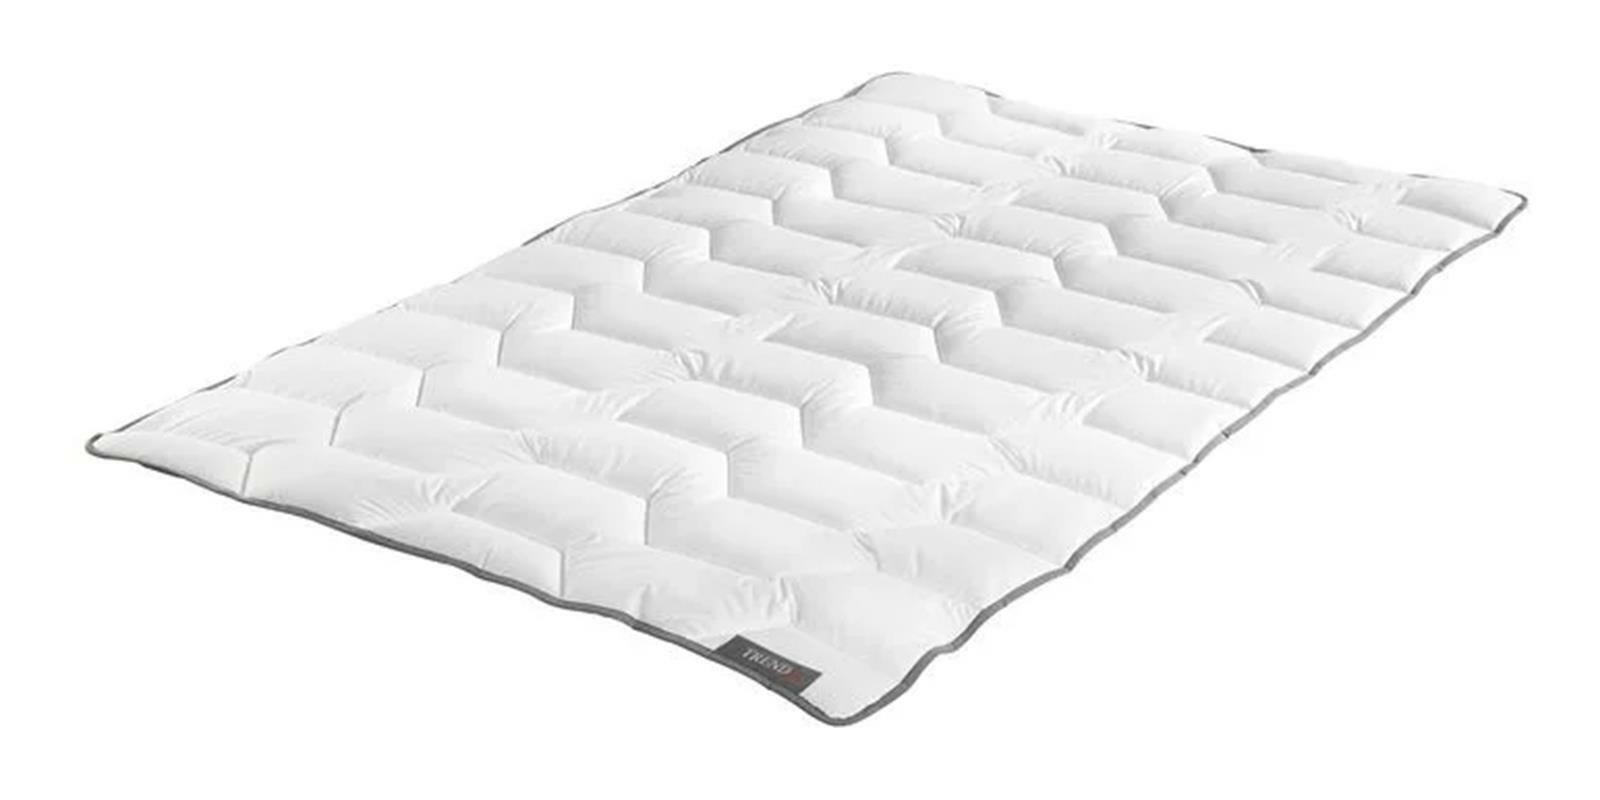 Badenia Trendline Bettdecke 135x200 cm Winterbettdecke Decke Schlafdecke